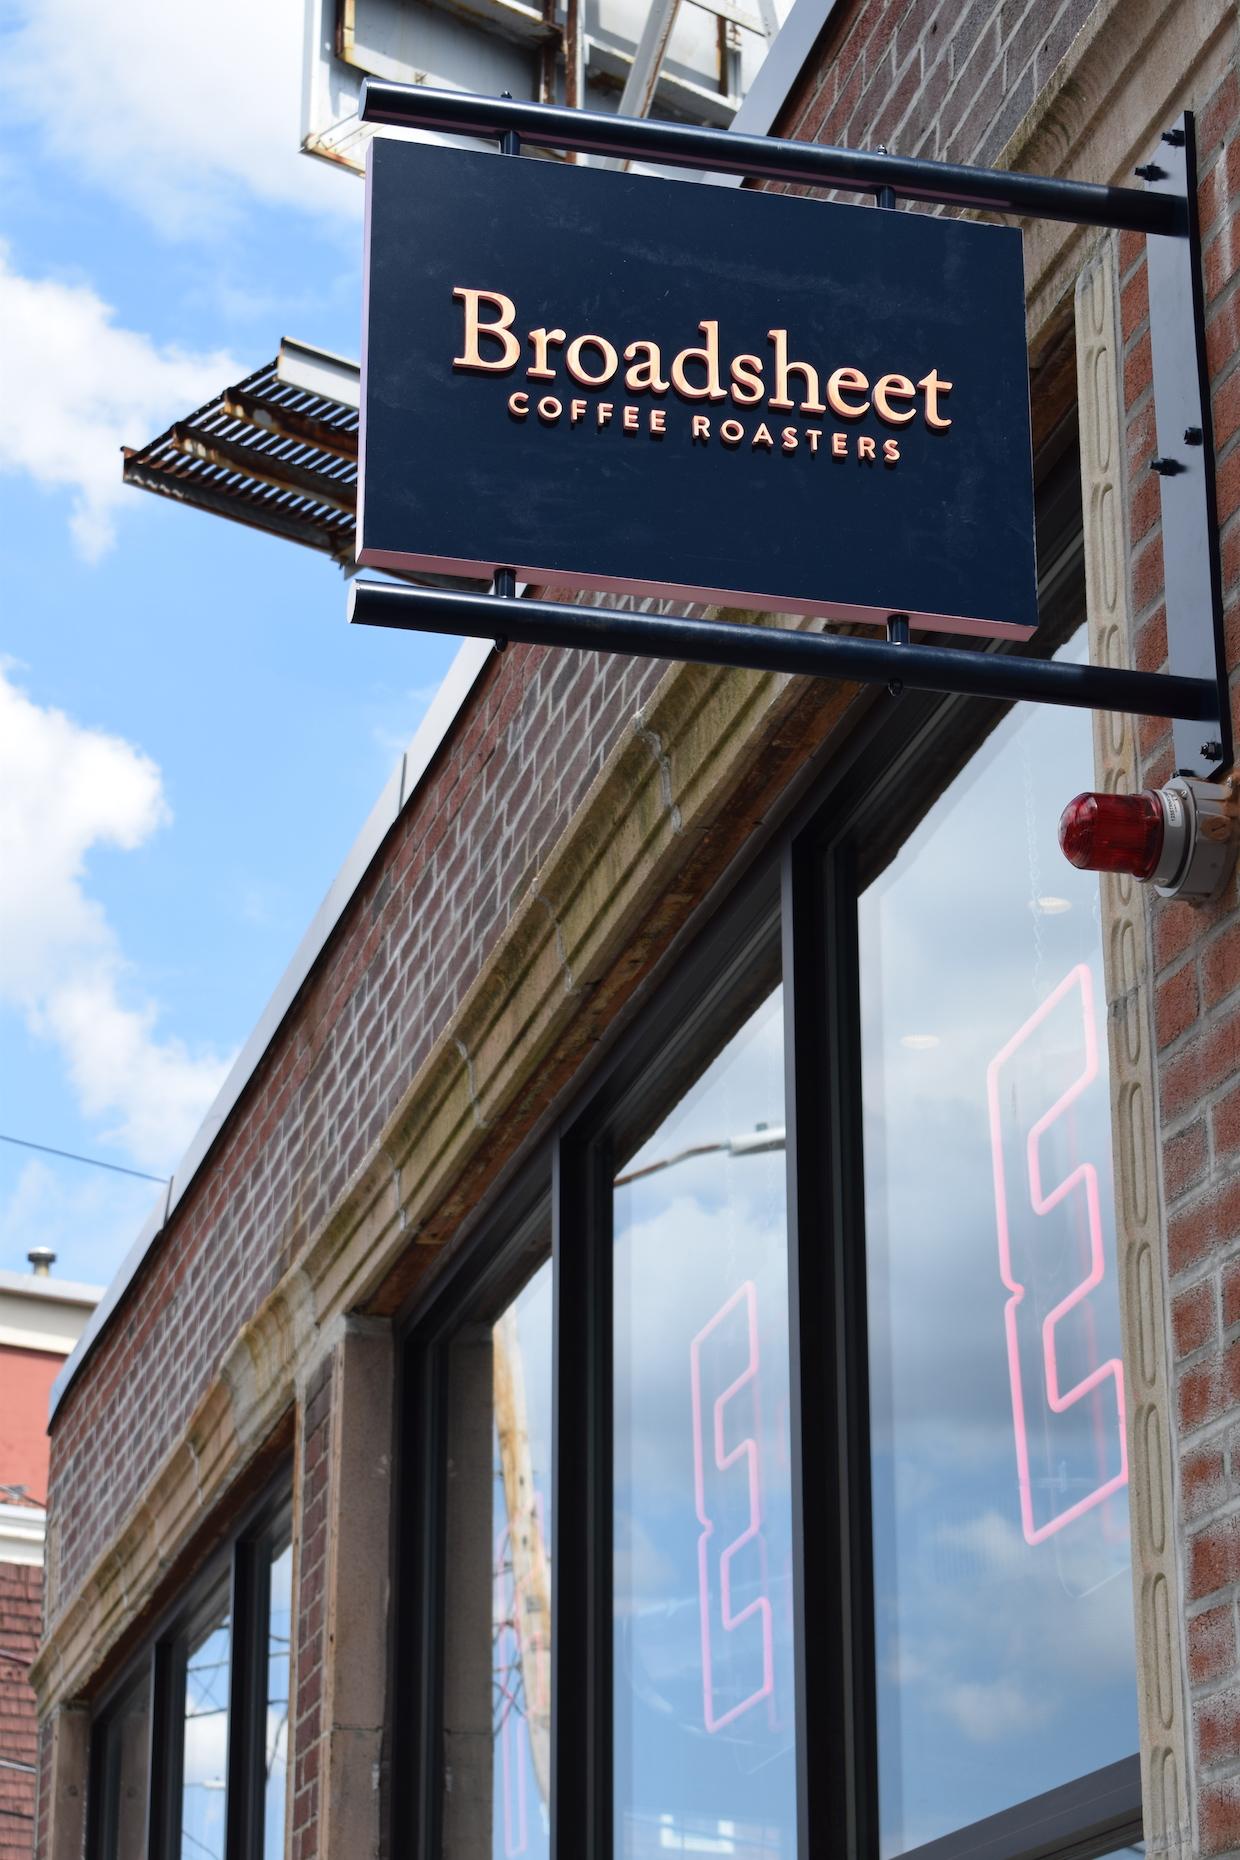 """Broa Dsheet coffee roasters cambridge boston """"width ="""" 1240 """"height ="""" 1860 """"/></p></noscript><p>"""" Je pense que la nourriture, le service et l'environnement du café sont probablement plus importants pour une bonne expérience pour la majorité des clients que Le café seul """", a déclaré MacDougall, créditant les antécédents palestiniens de Hazboun et ses compétences culinaires pour mettre le programme alimentaire à la vie. """"Je voulais également créer un espace où les gens pourraient se rencontrer, converser et échanger des idées – c'est difficile sans bonne nourriture"""".</p><p> Interrogé sur les objectifs futurs pour Broadsheet, MacDougall a déclaré: """"Il y a beaucoup Des pièces en mouvement à cette entreprise: le programme de rôtissage, de restauration et de nourriture. Tout d'abord, obtenez ces trois droits, obtenez nos opérations aussi efficaces et cohérentes que possible, gardez nos clients heureux et, espérons-le, acquérir de nouveaux produits. """"</p><p> <img data-attachment-id="""